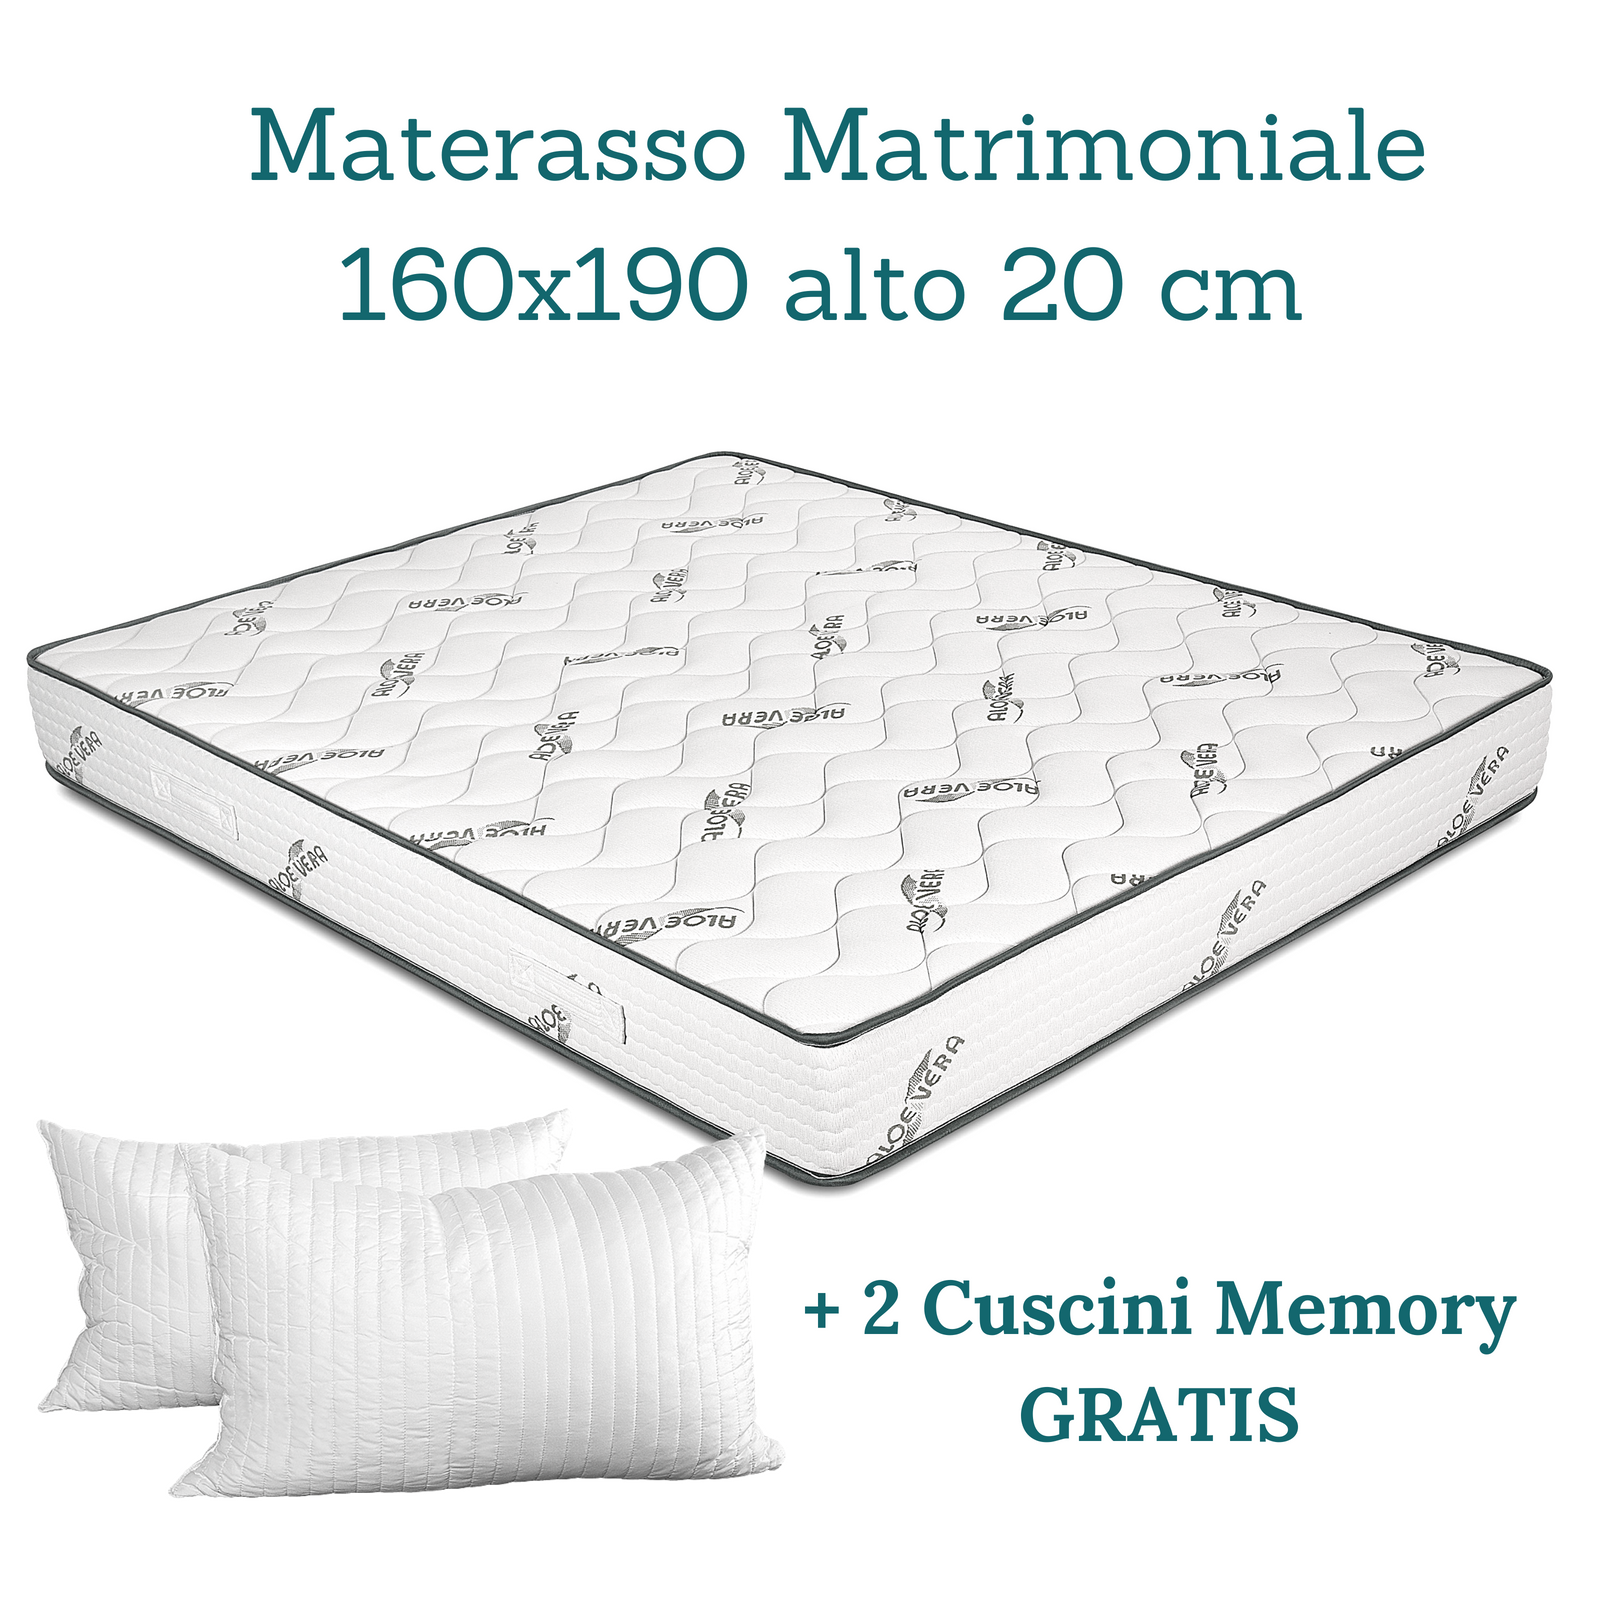 KIT ALOE Materasso Matrimoniale, Rete Rete Rete Ortopedica a Doghe+ Cuscini Memory GRATIS 57f04e